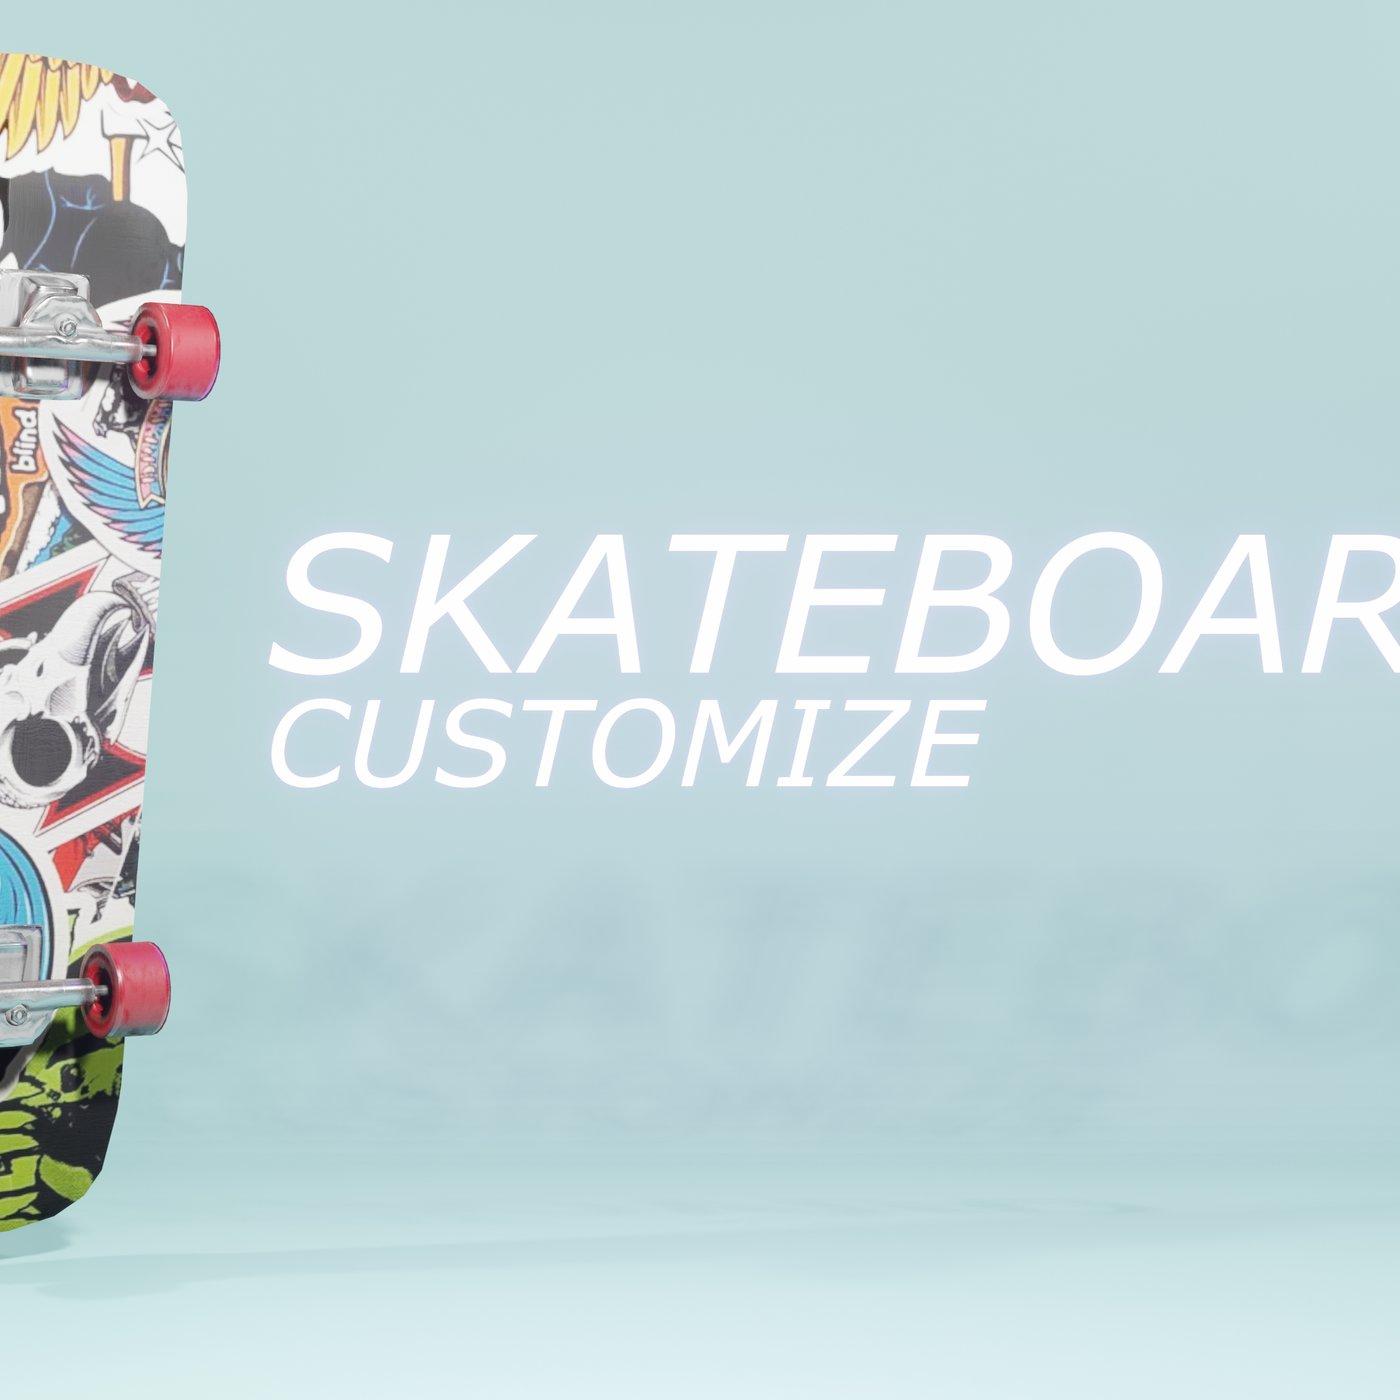 customizable skateboard